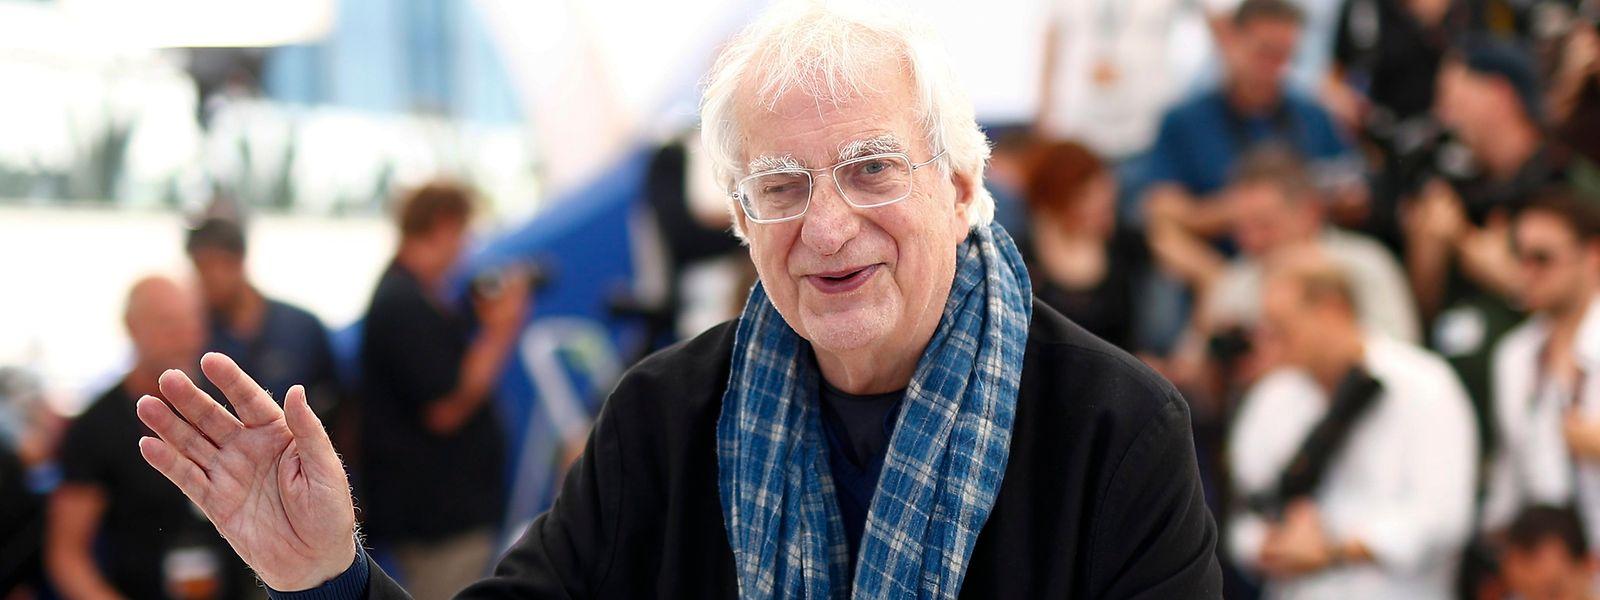 """Bertrand Tavernier winkt beim Photocall für seinen Film """"Voyage A Travers le Cinema Francais"""" beim 69. Filmfestival 2016 in Cannes."""